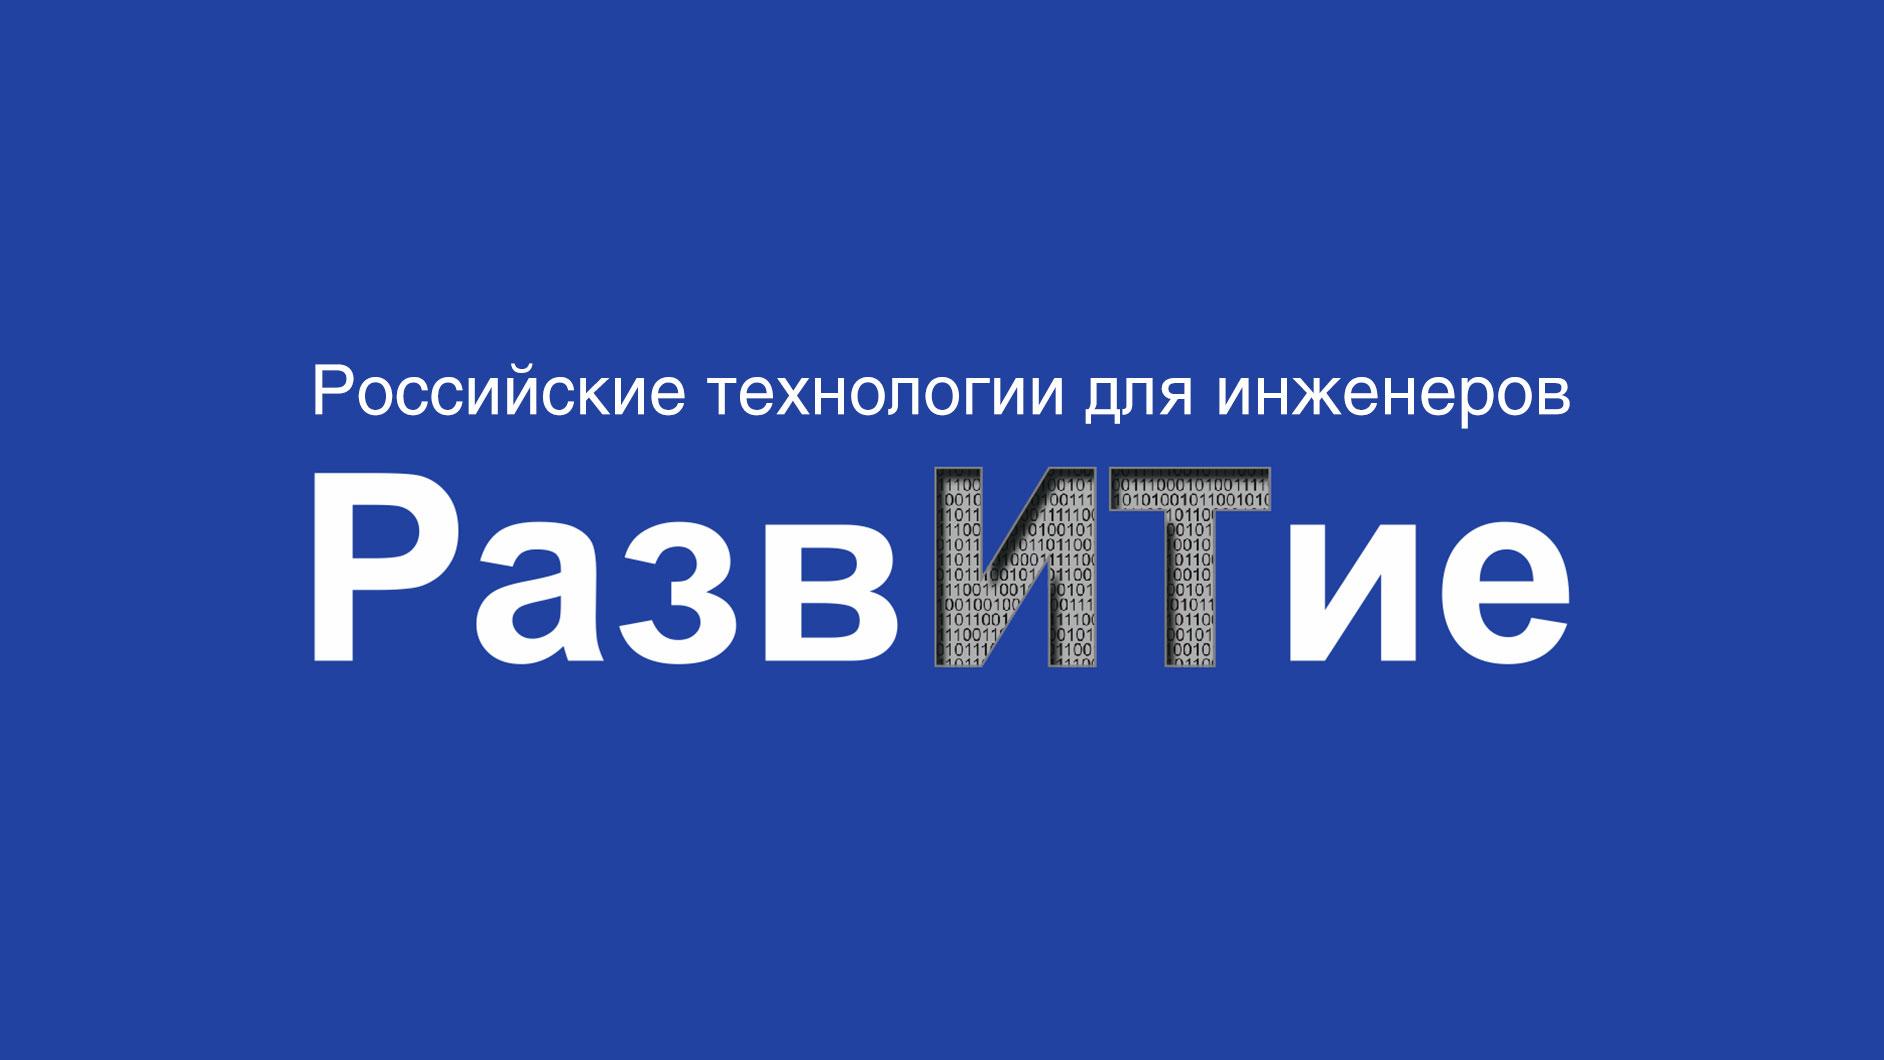 Уральский форум «РазвИТие. Российские технологии для инженеров»